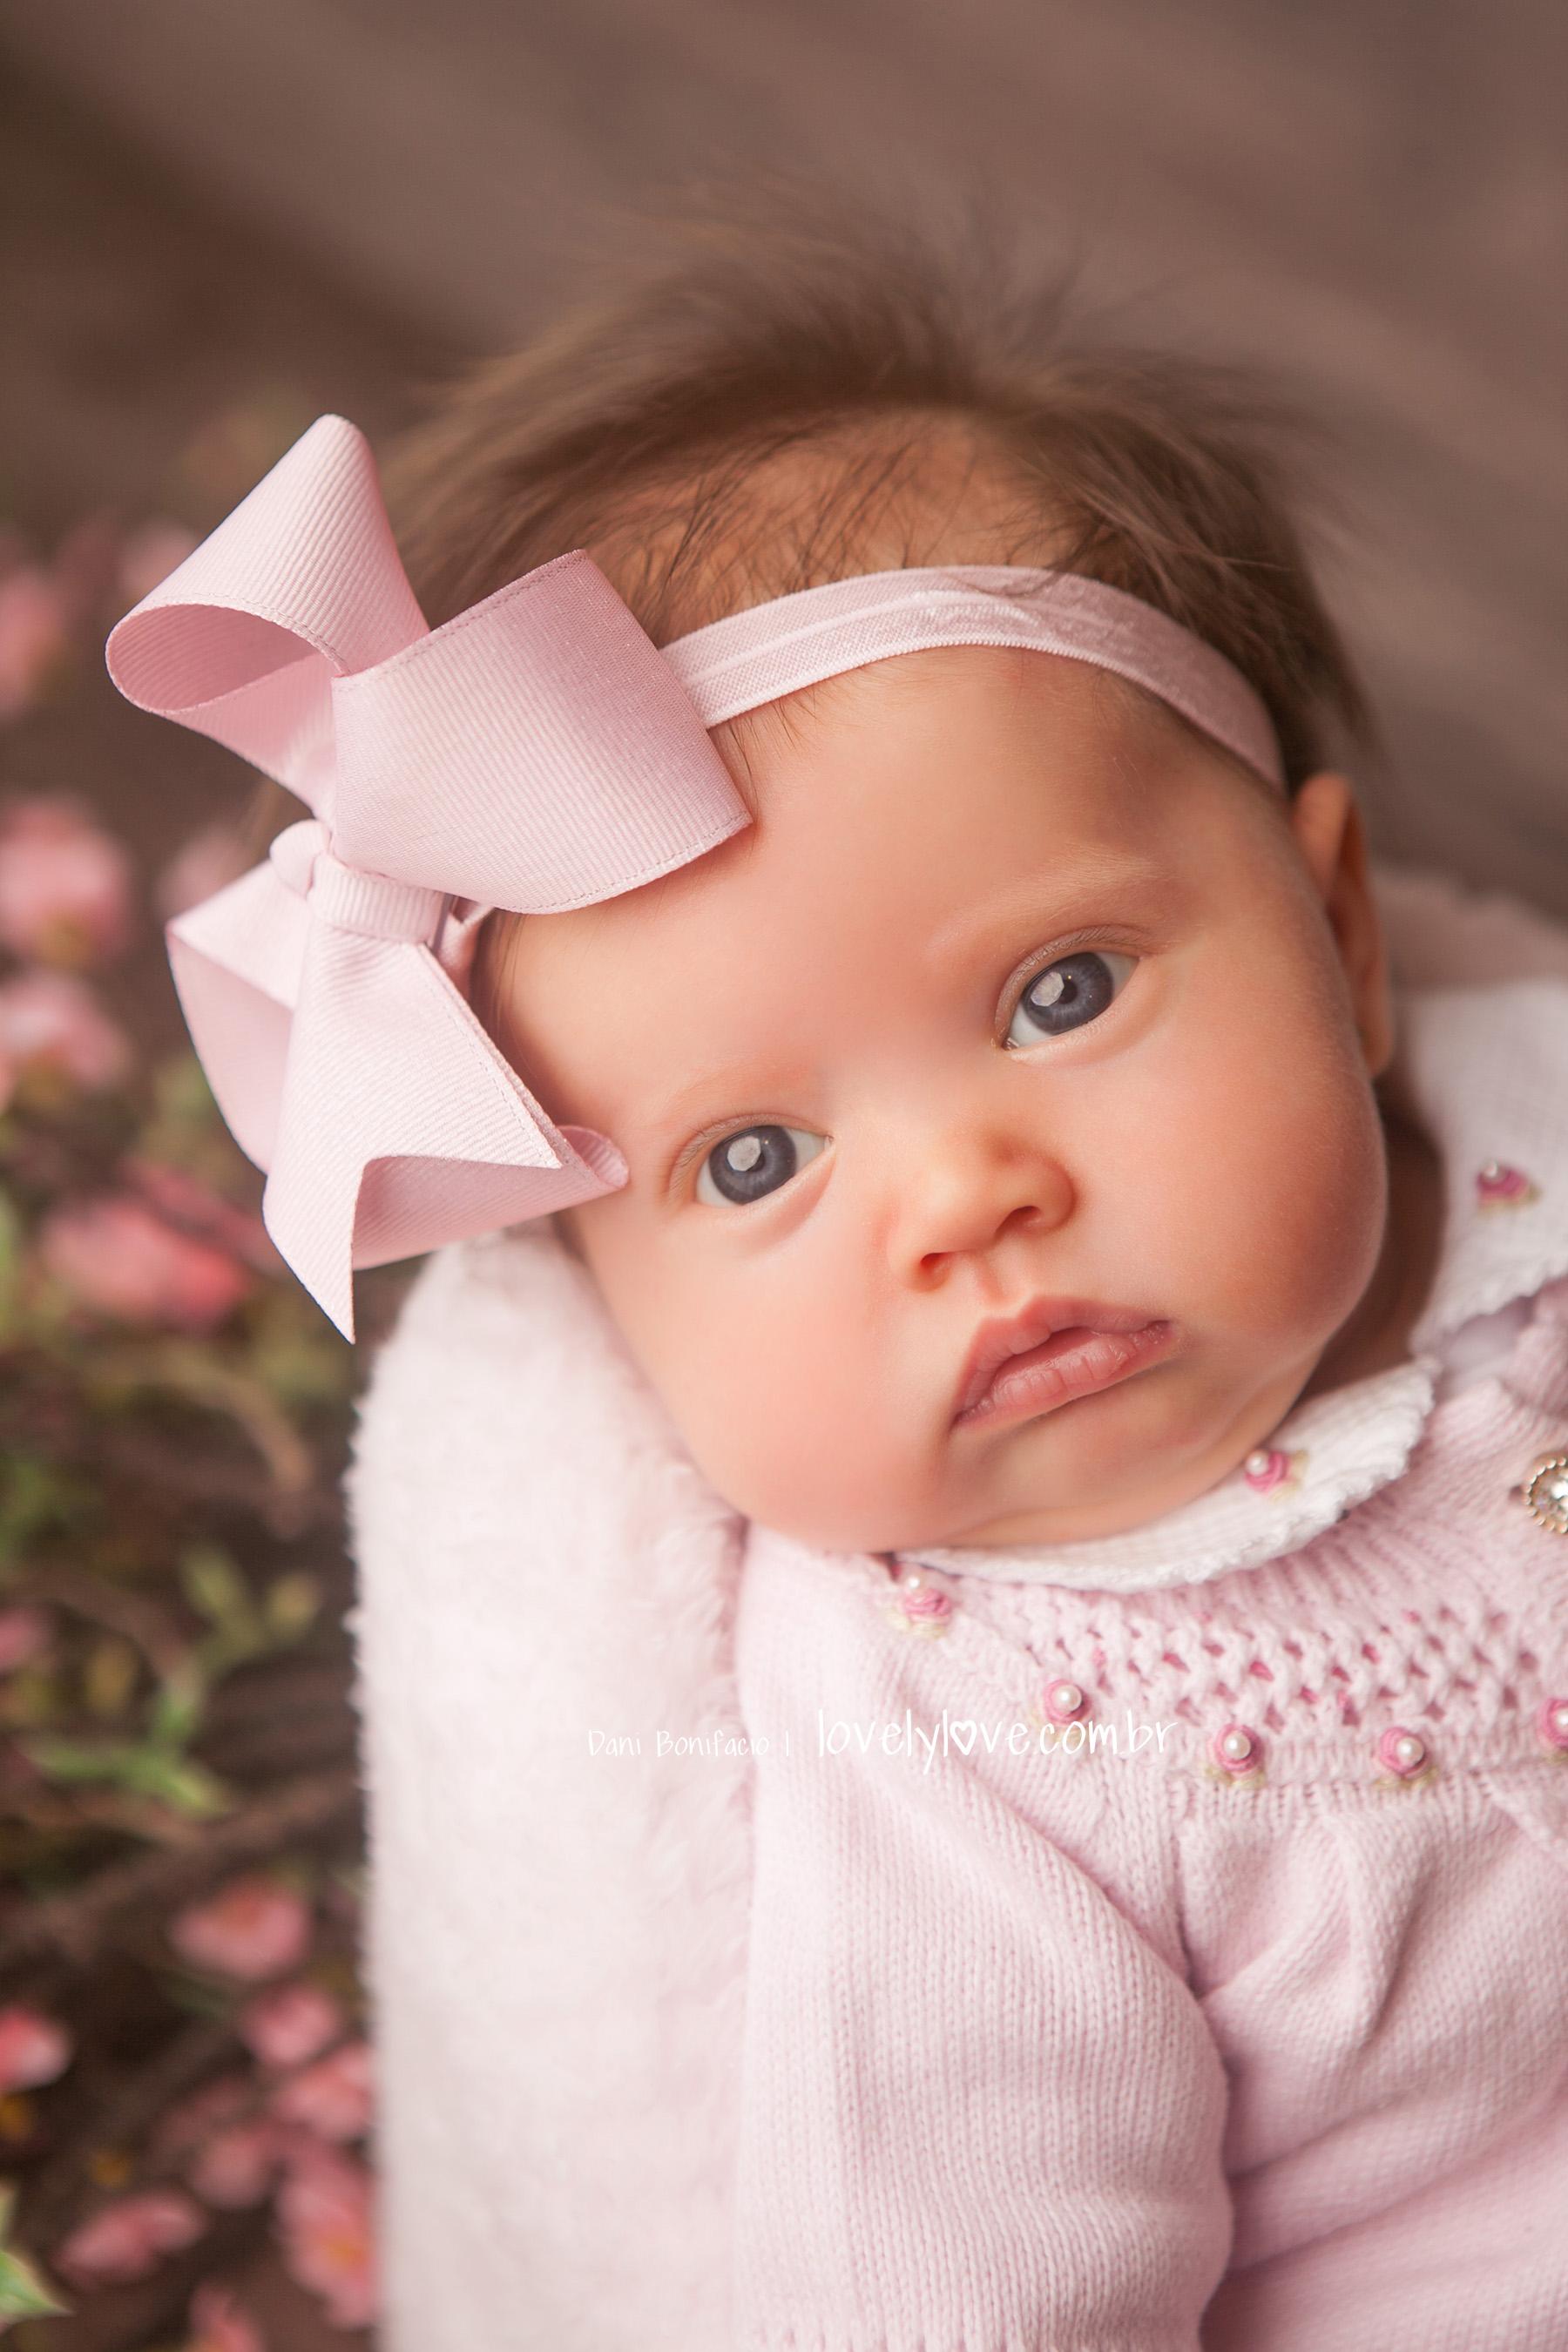 danibonifacio-lovelylove-fotografia-acomapanhamentobebe-ensaioinfantil-newborn-fotografadefamilia-gravida-gestante6